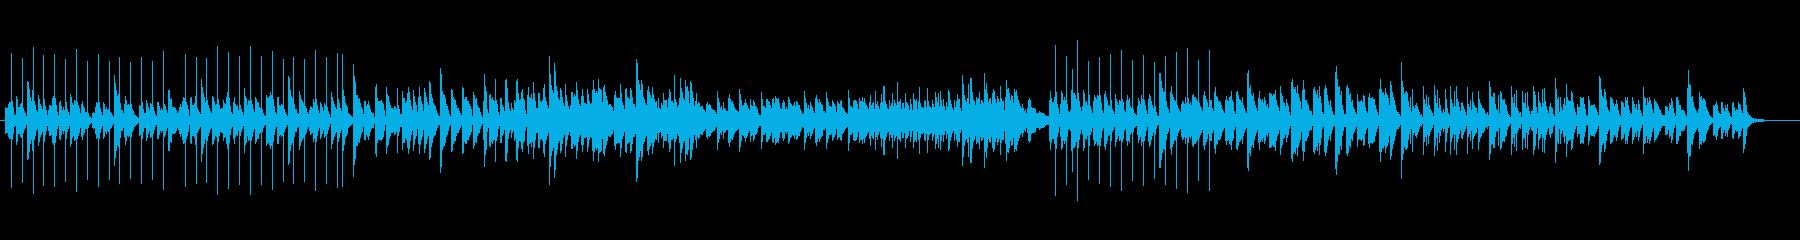 シンコペートピアノ、ブラシ、フィン...の再生済みの波形